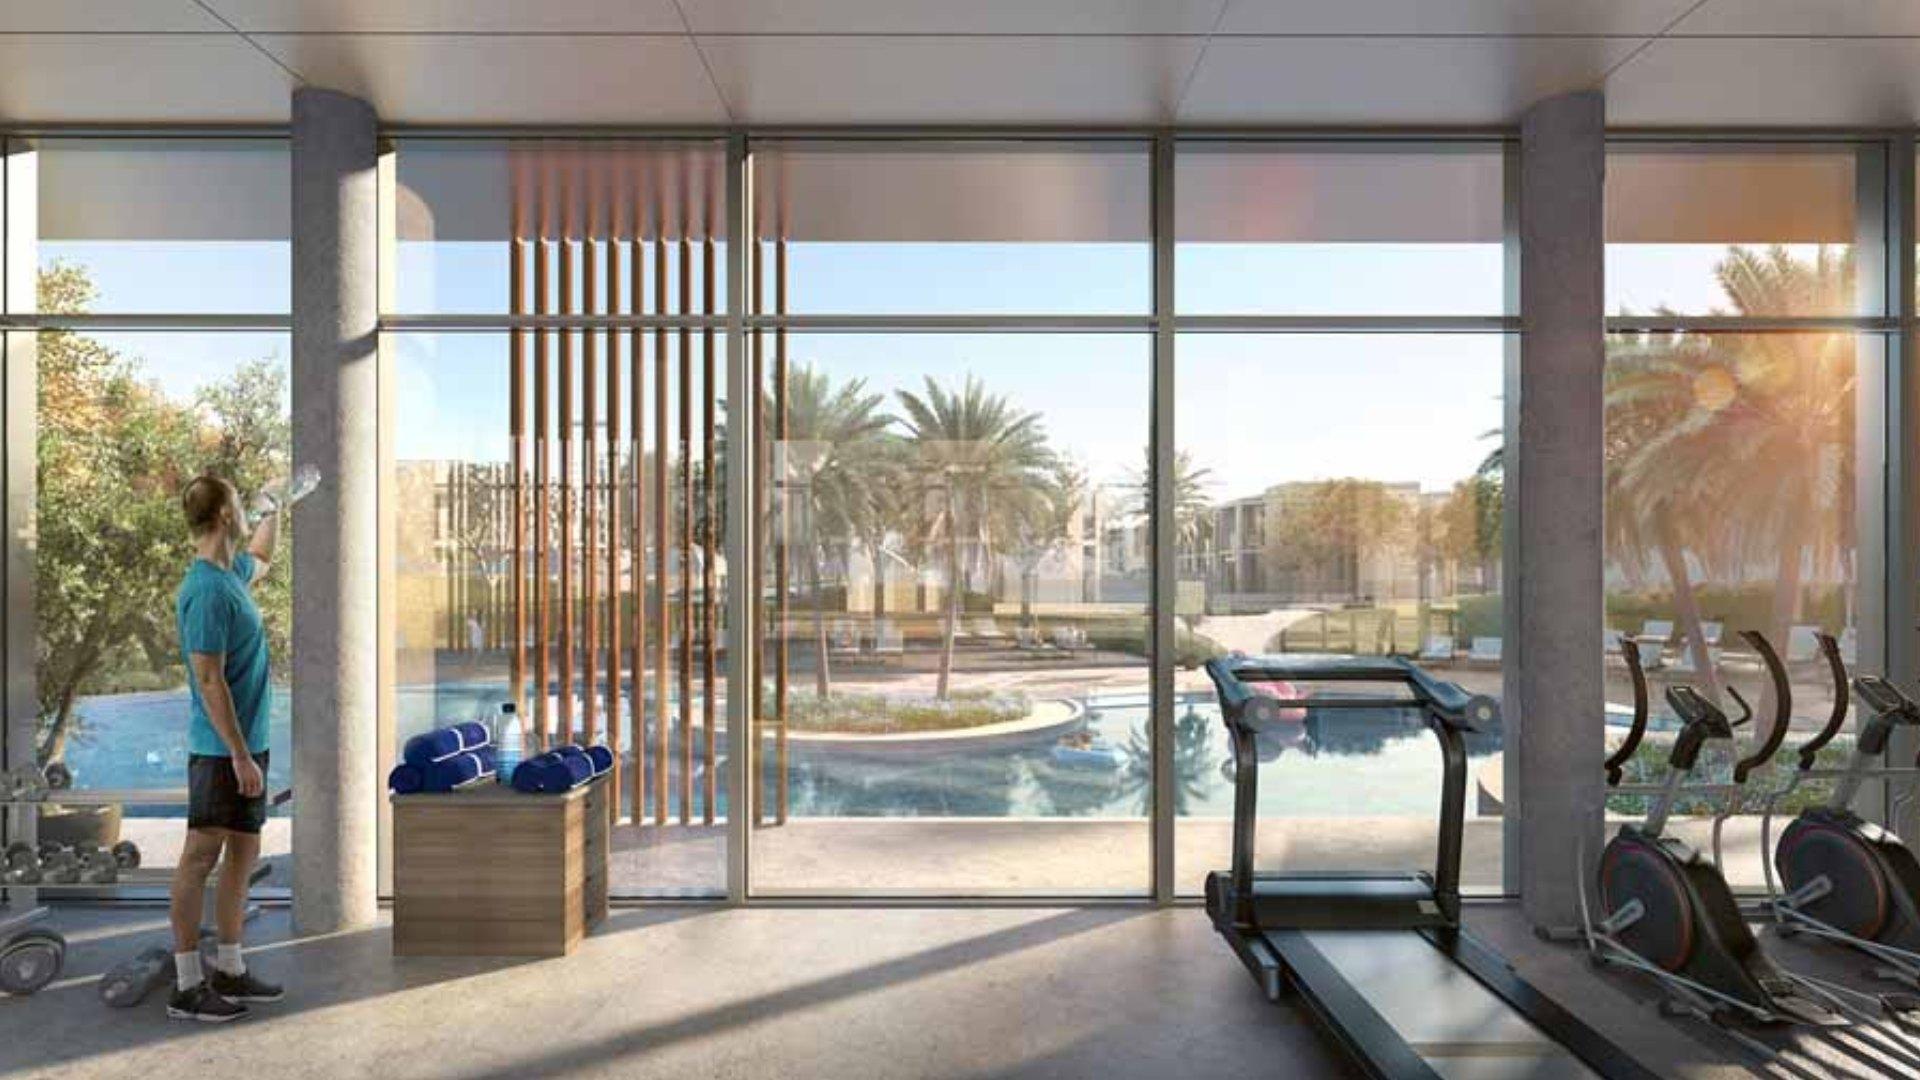 Adosado en venta en Dubai, EAU, 4 dormitorios, 231 m2, № 24352 – foto 4